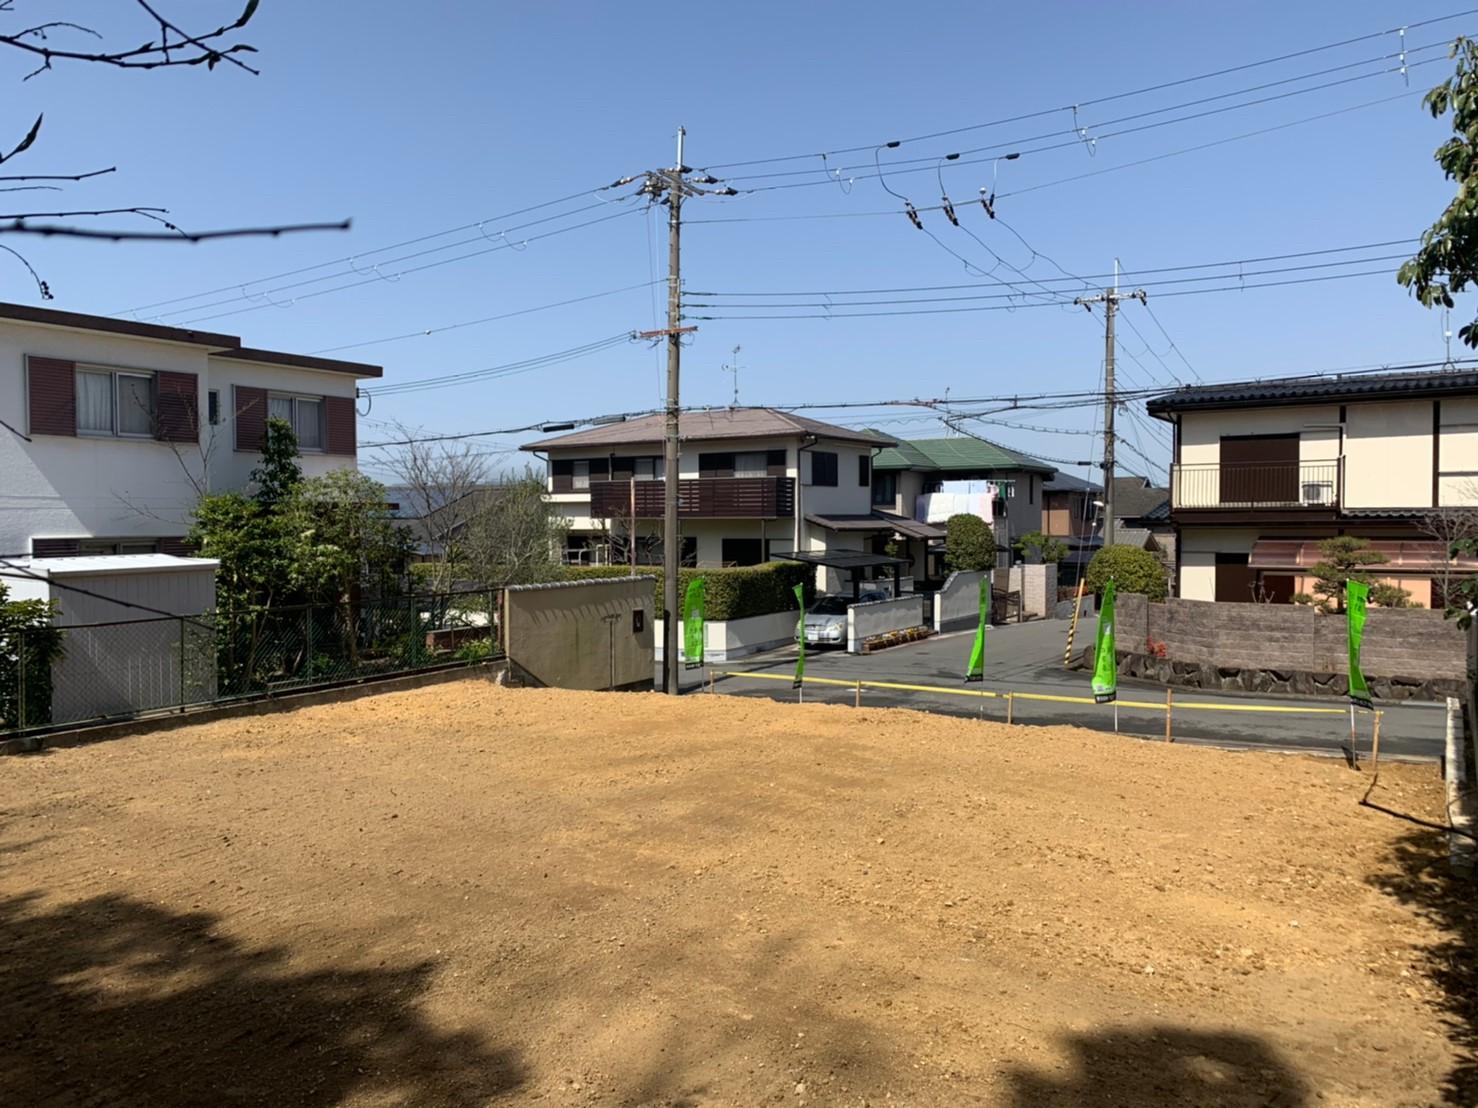 物件情報~大阪狭山市土地~